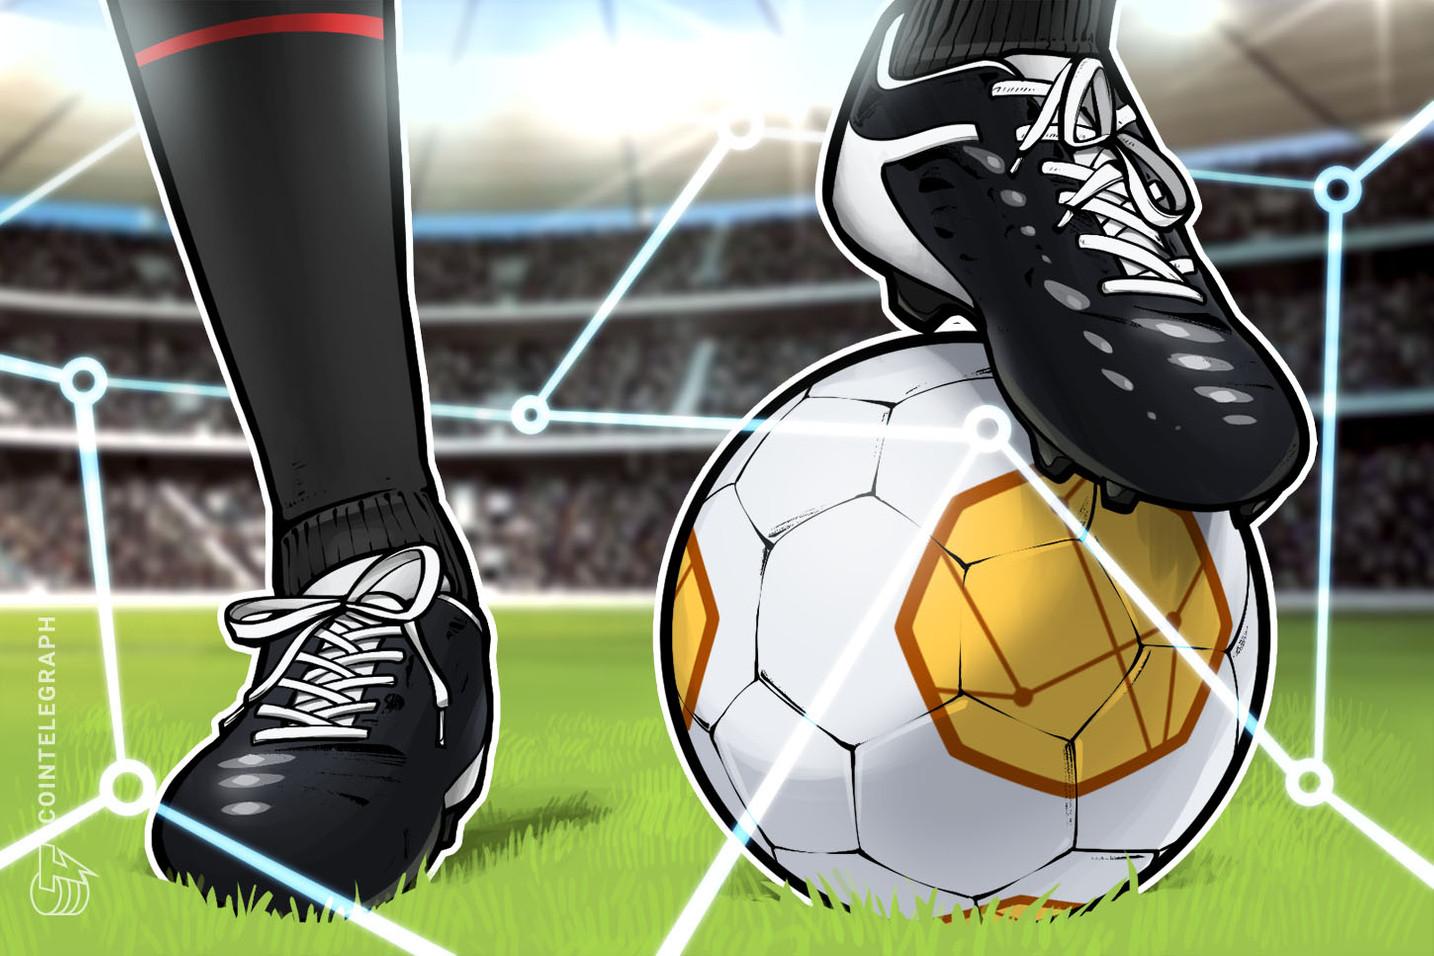 Το πρωτάθλημα της Αργεντινής ανανεώνεται στο Torneo socios.com με νέα συνεργασία